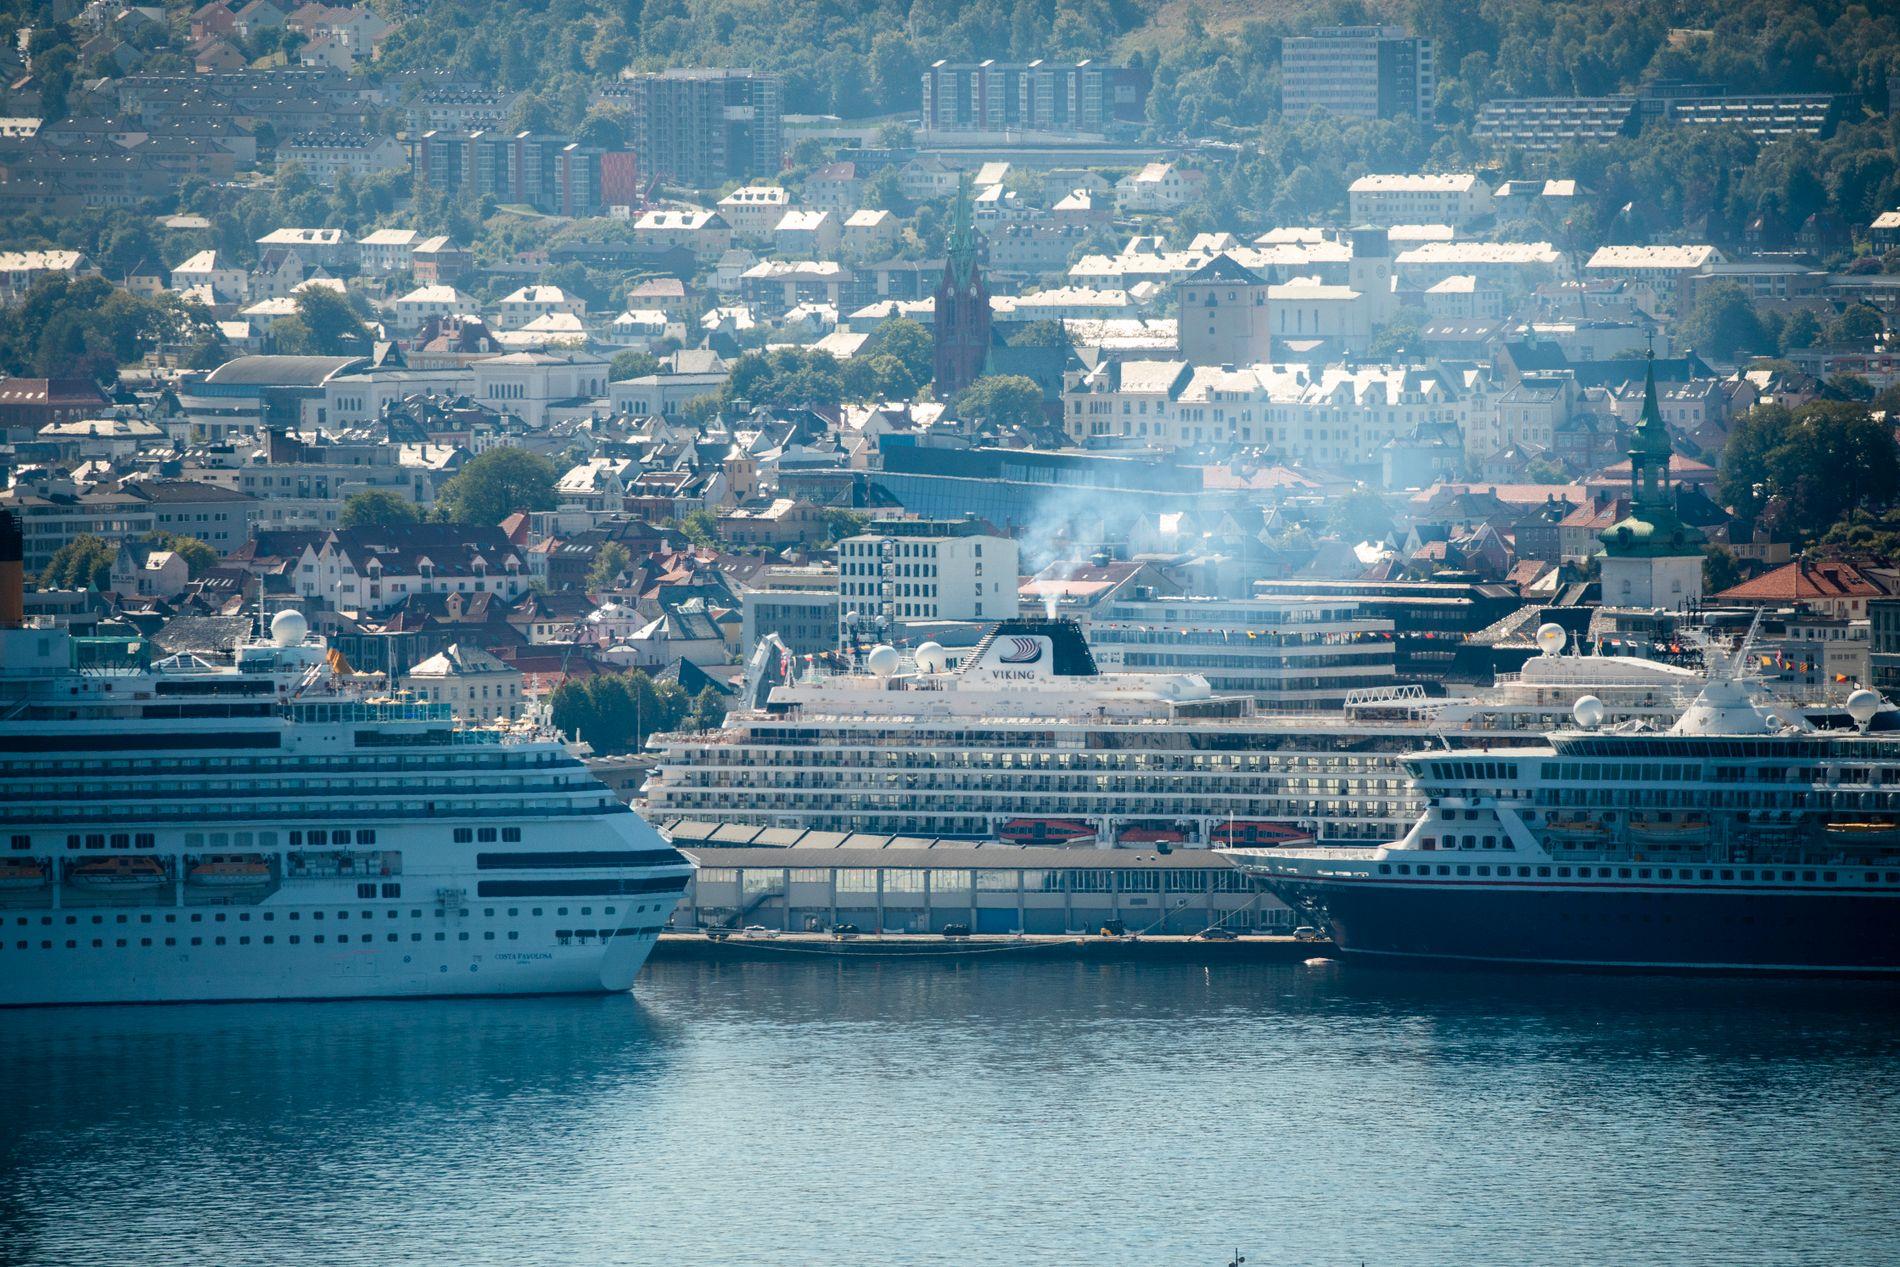 DIALOG: Vi forstår at cruiseskip blir symbol på masseturismens uheldige sider. Skipene ruver og passasjerene er mange. Vi ønsker dialog med destinasjonene for å unngå overbefolkning og trengsel, skriver Tor Christian Sletner.